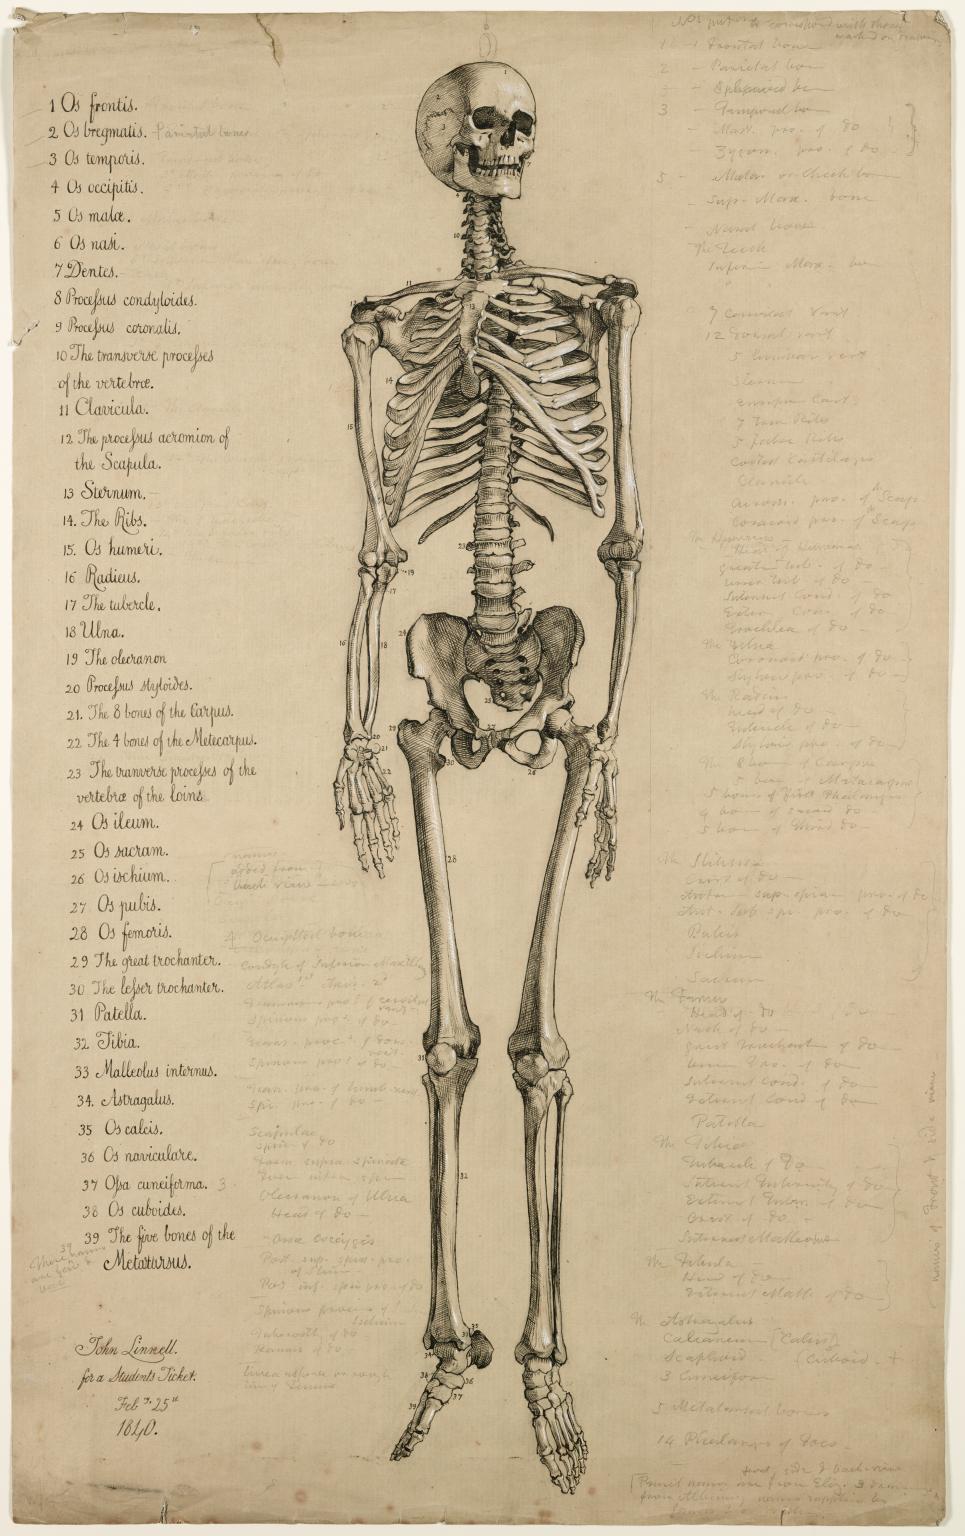 Drawn sleleton artistic Of drawing Anatomical 1840 skeleton